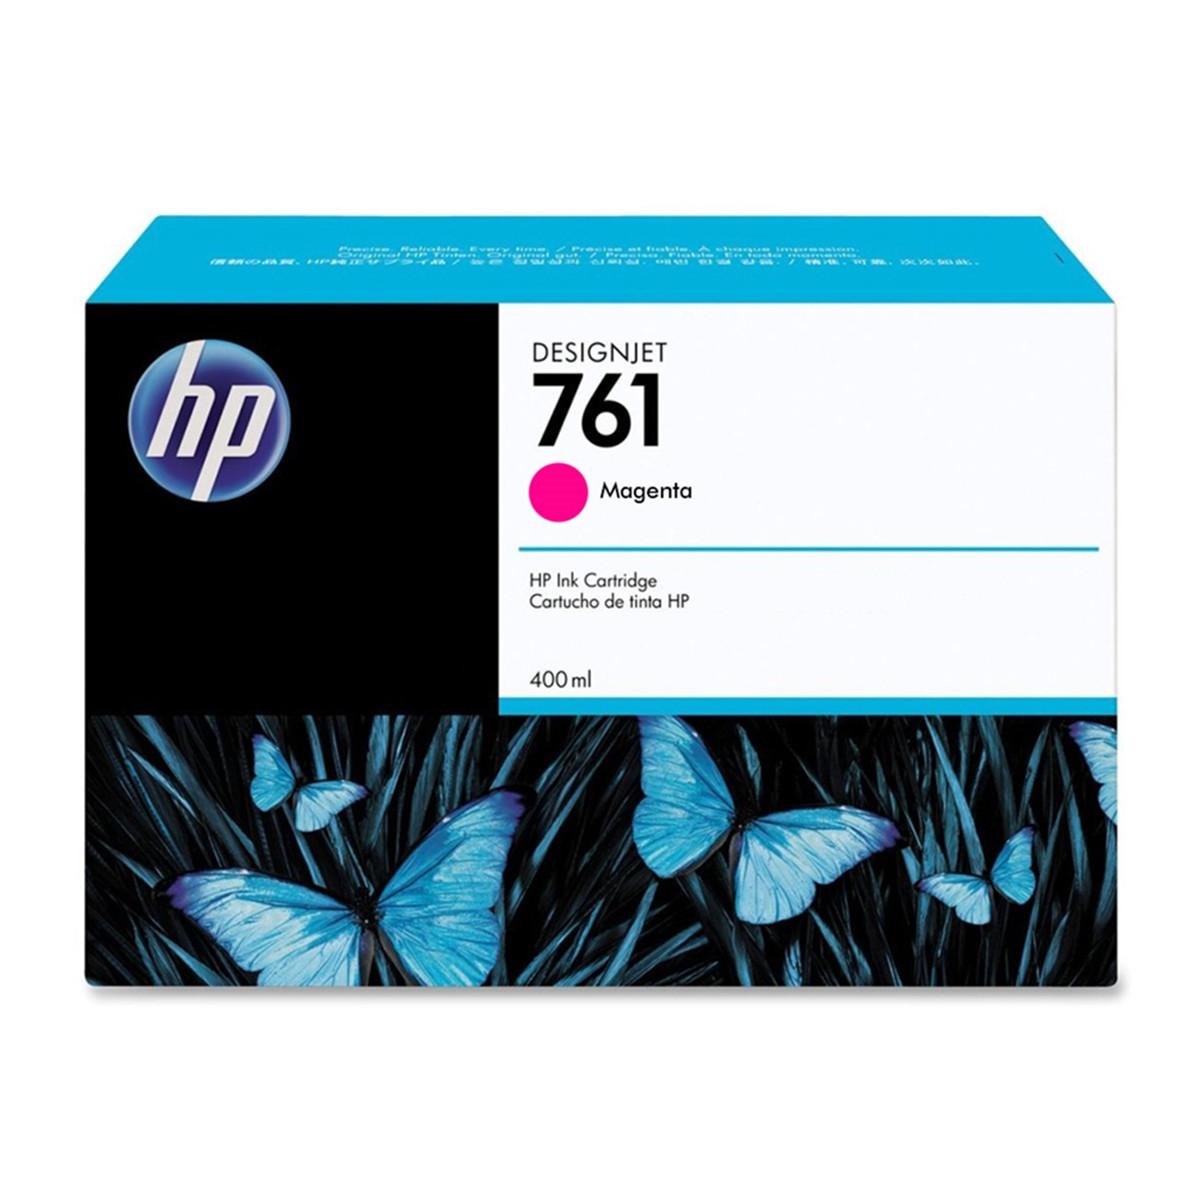 Cartucho de Tinta HP 761 Magenta CM993A | T7100 T7200 | Original 400ml